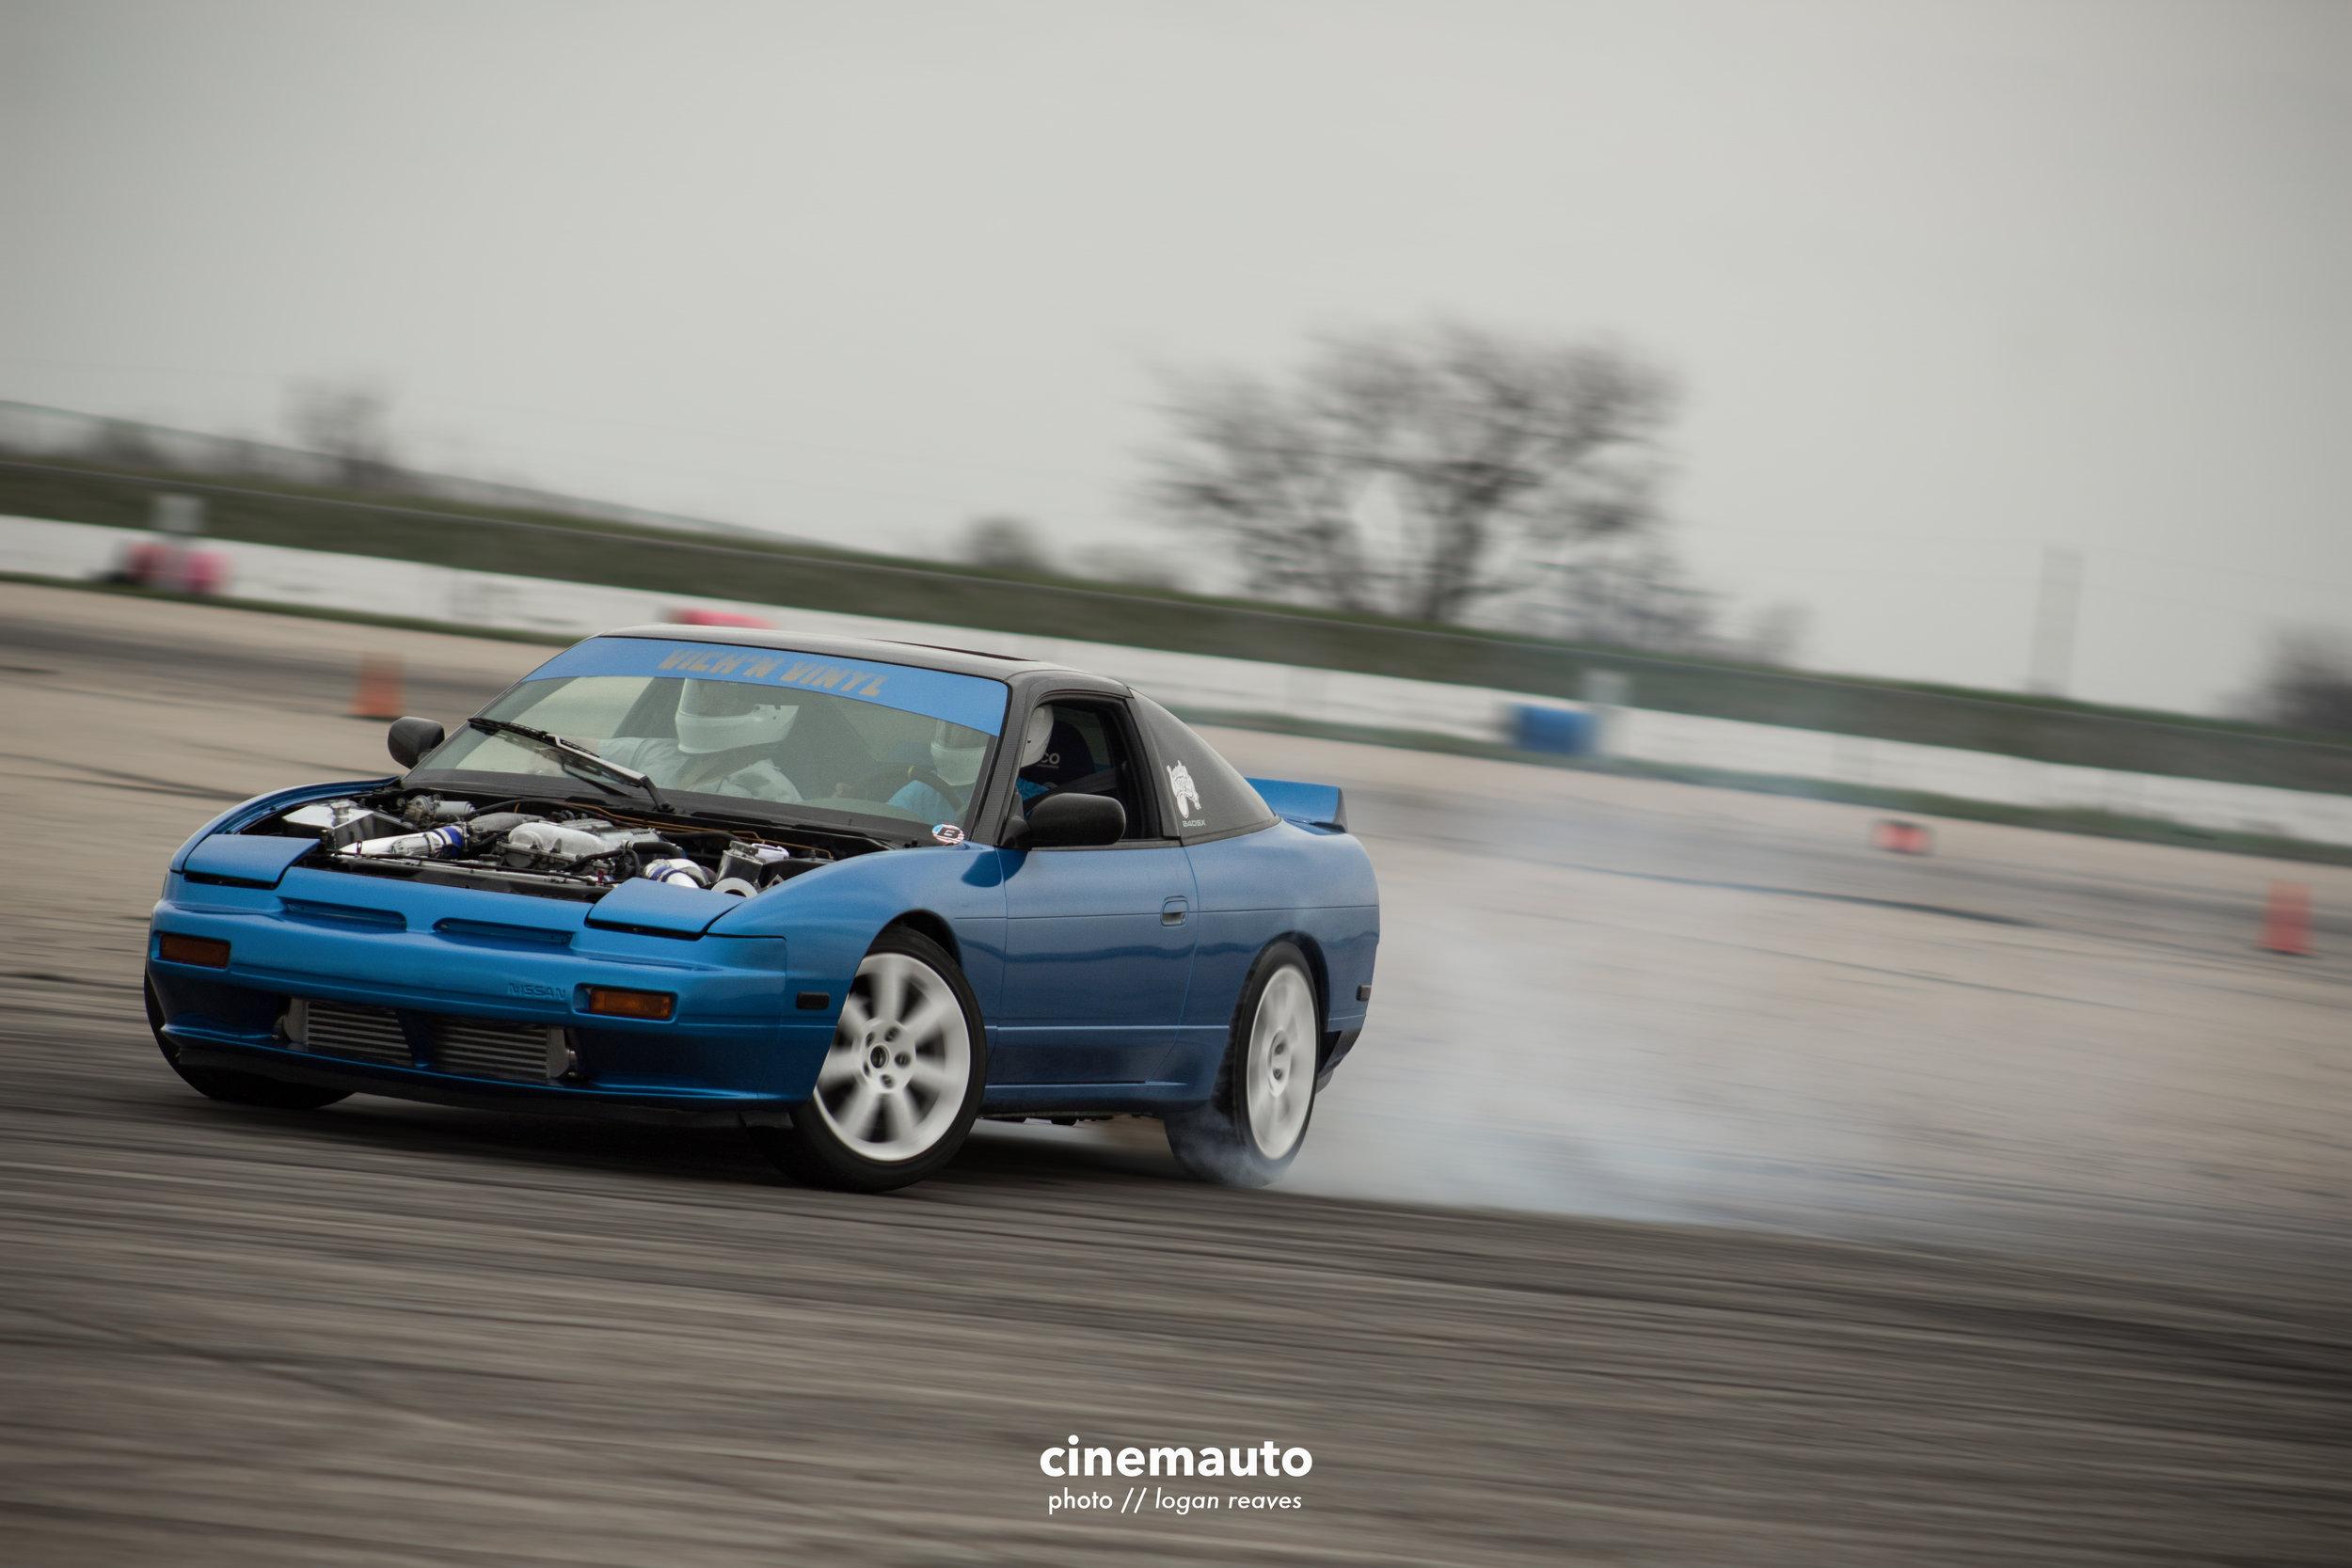 cinemauto-ifo-240-drift-3.jpg